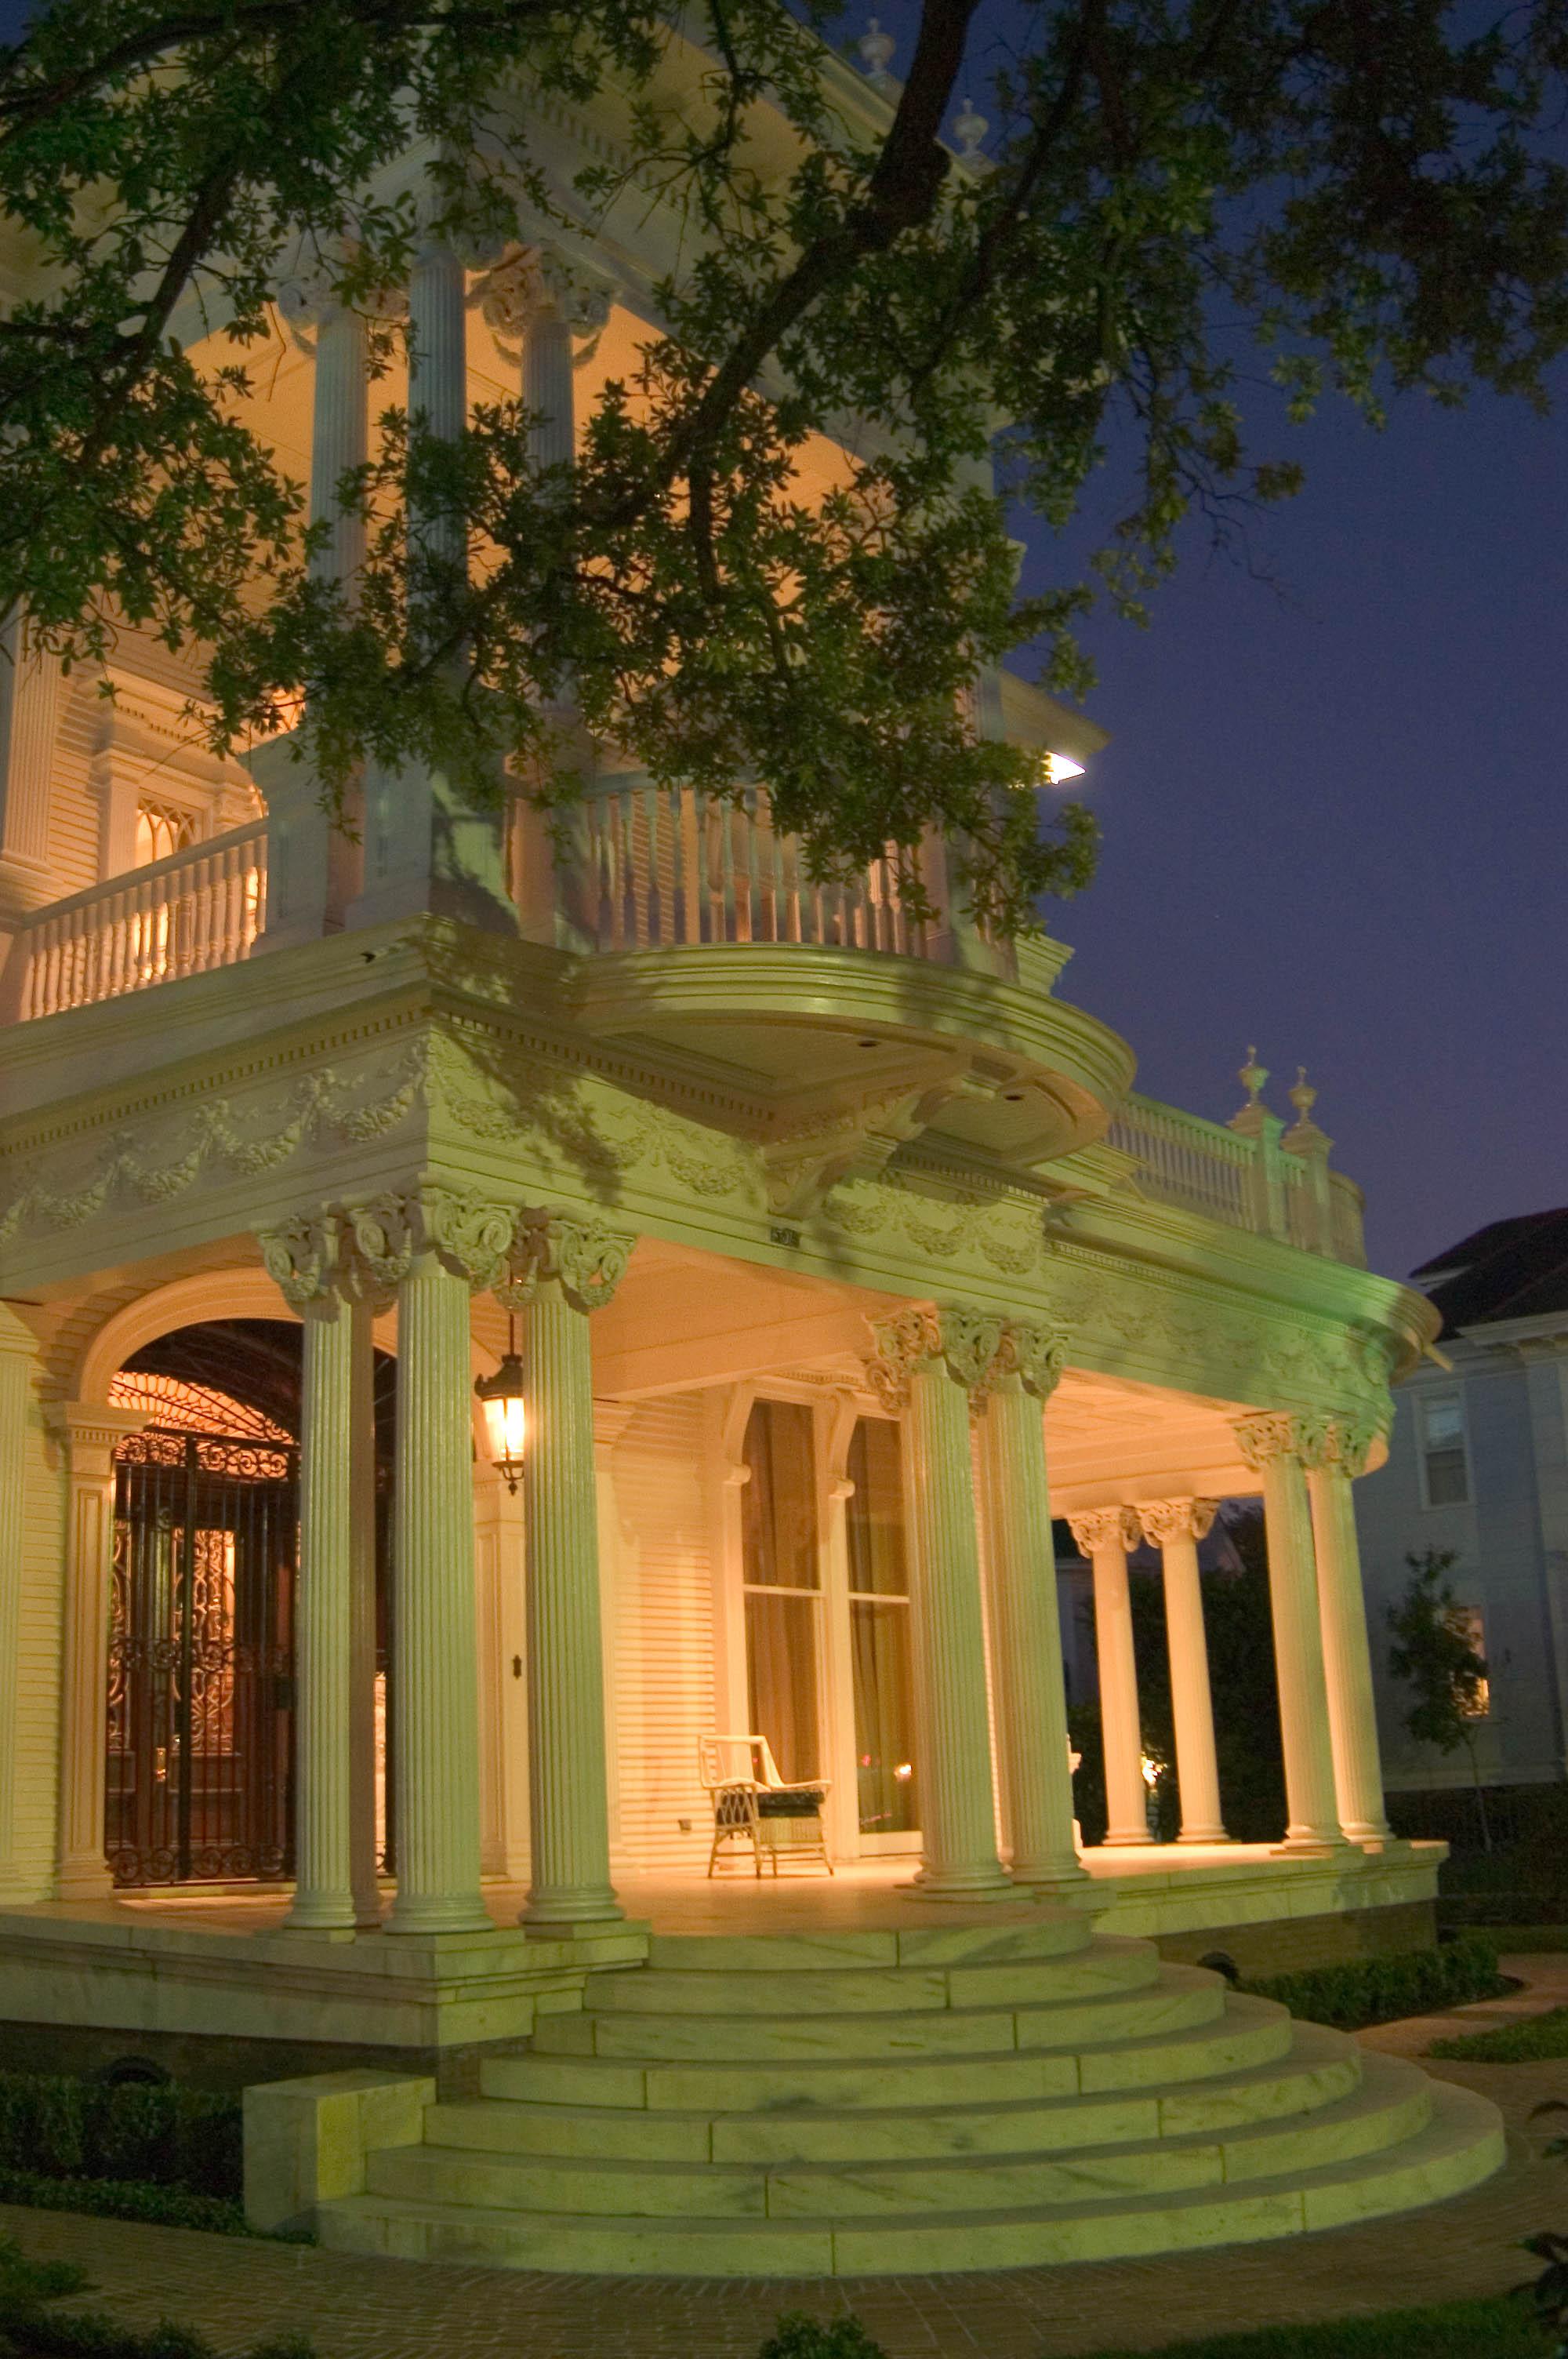 Gâteau de mariage House New Orleans